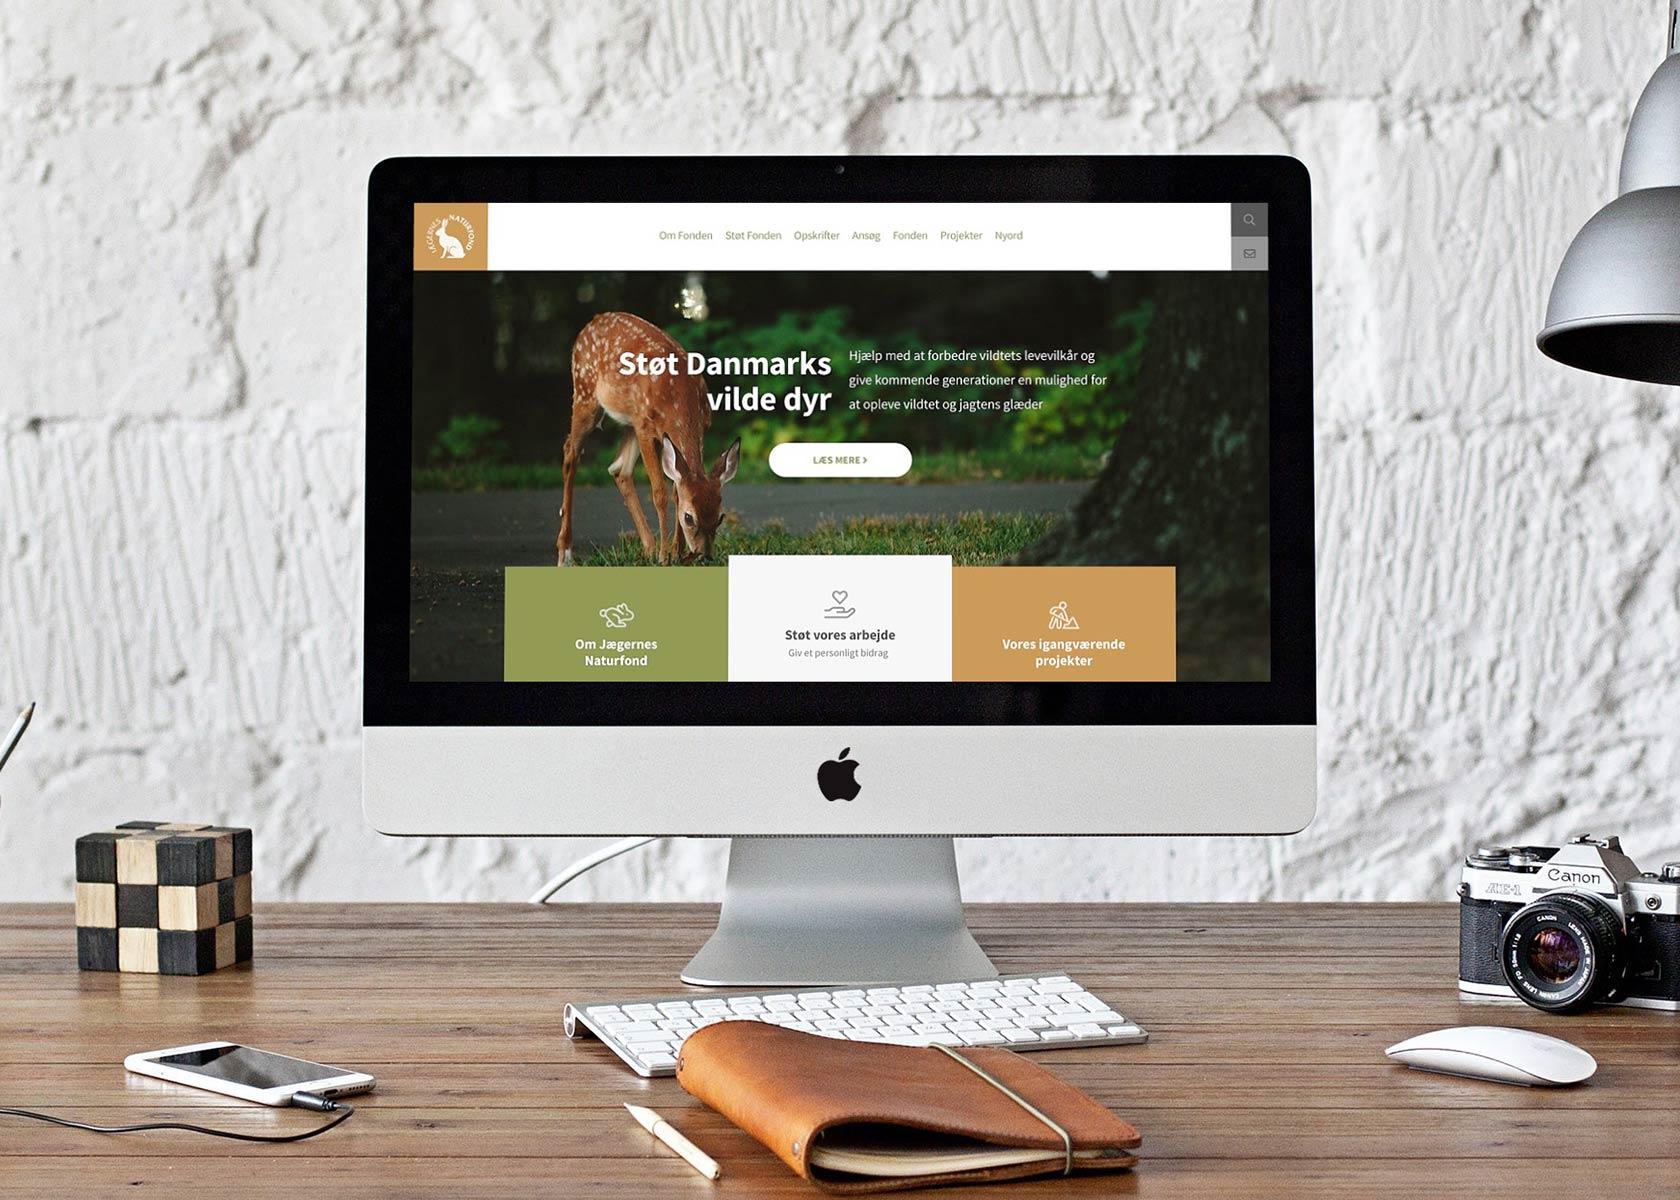 Danmarks Naturfond